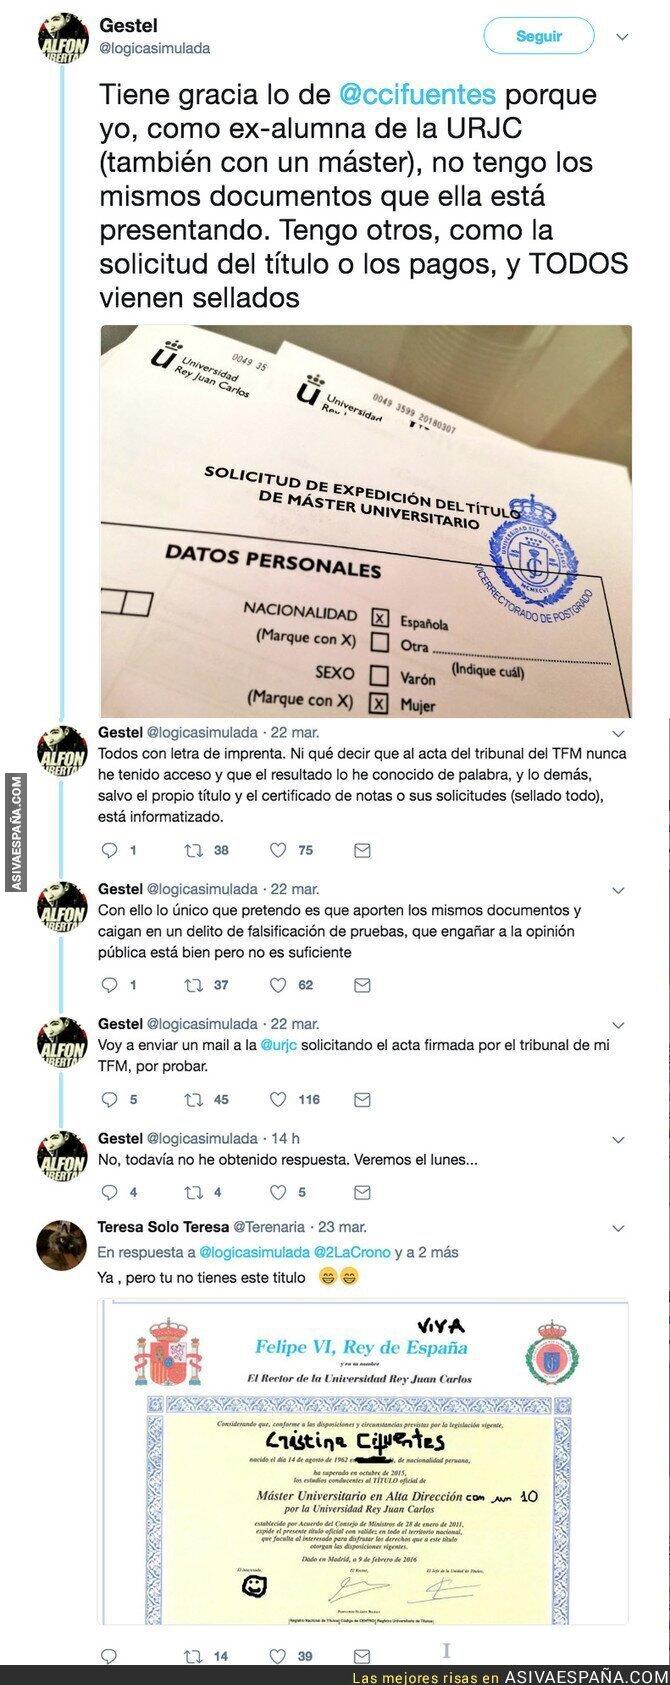 84630 - Un alumno de la Universidad Rey Juan Carlos desmonta el master de Cristina Cifuentes con este documento